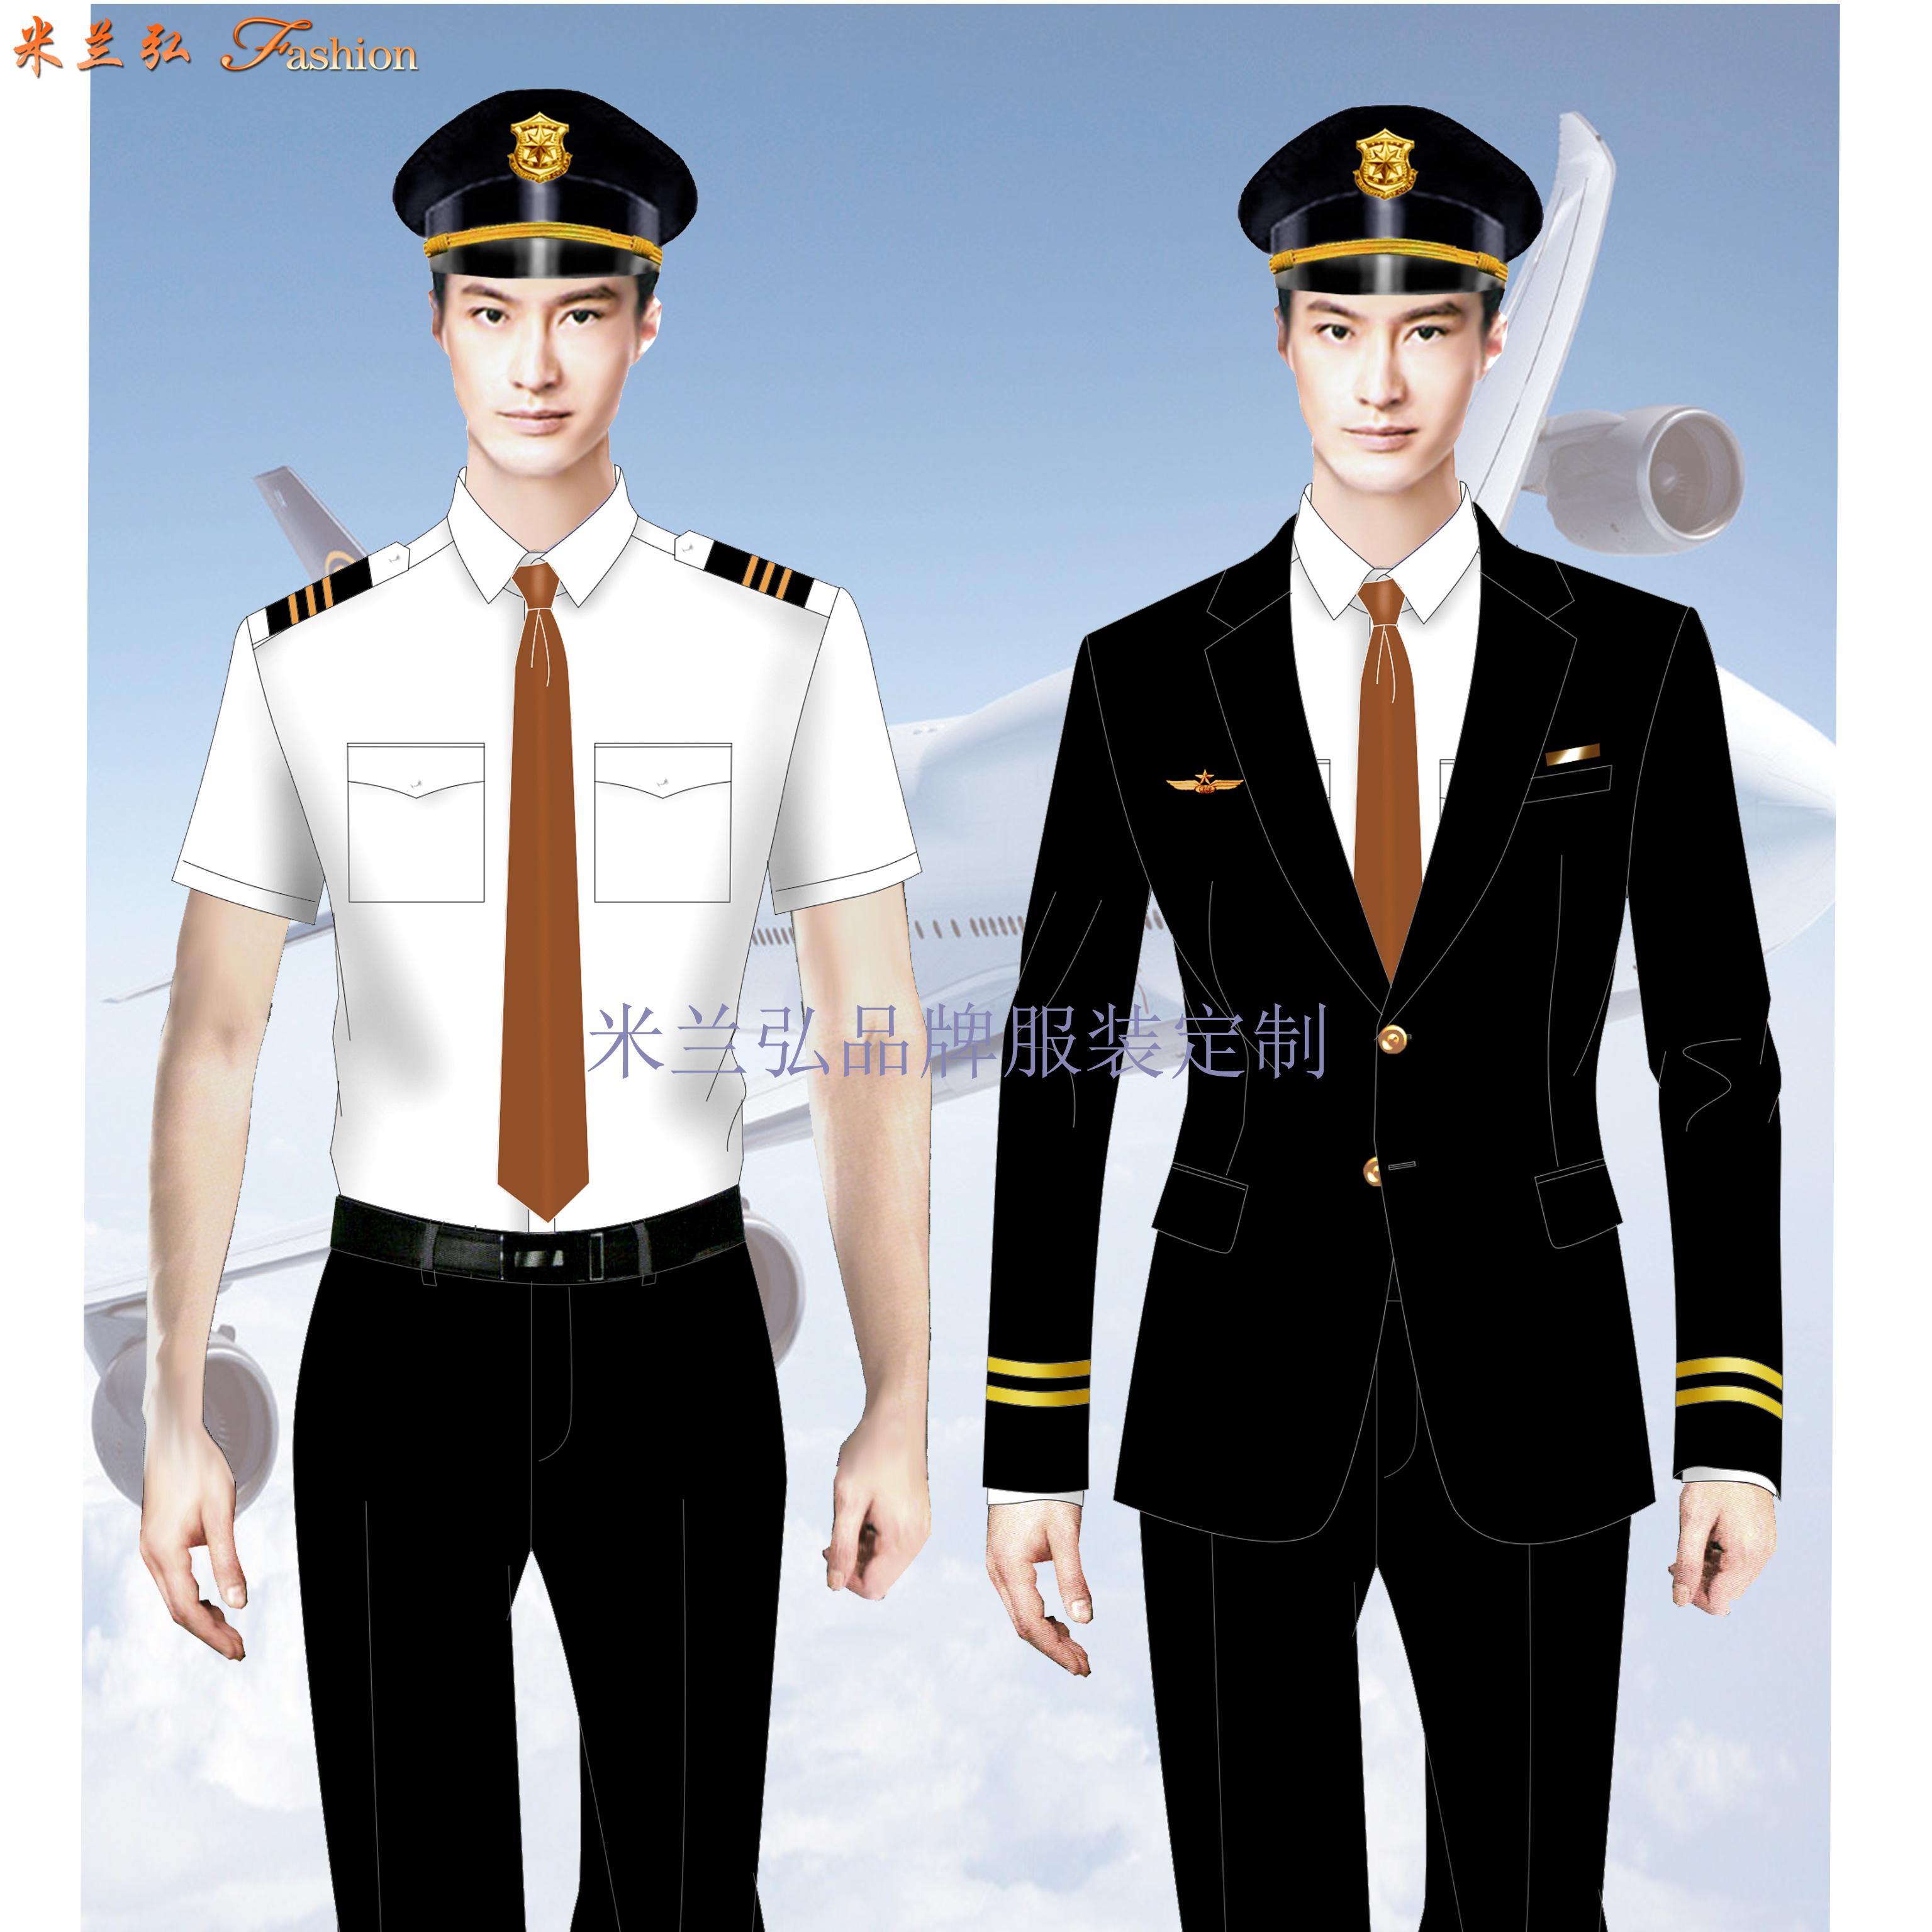 航空機長制服|圖片_價格_參數_面料_尺寸-米蘭弘服裝-4